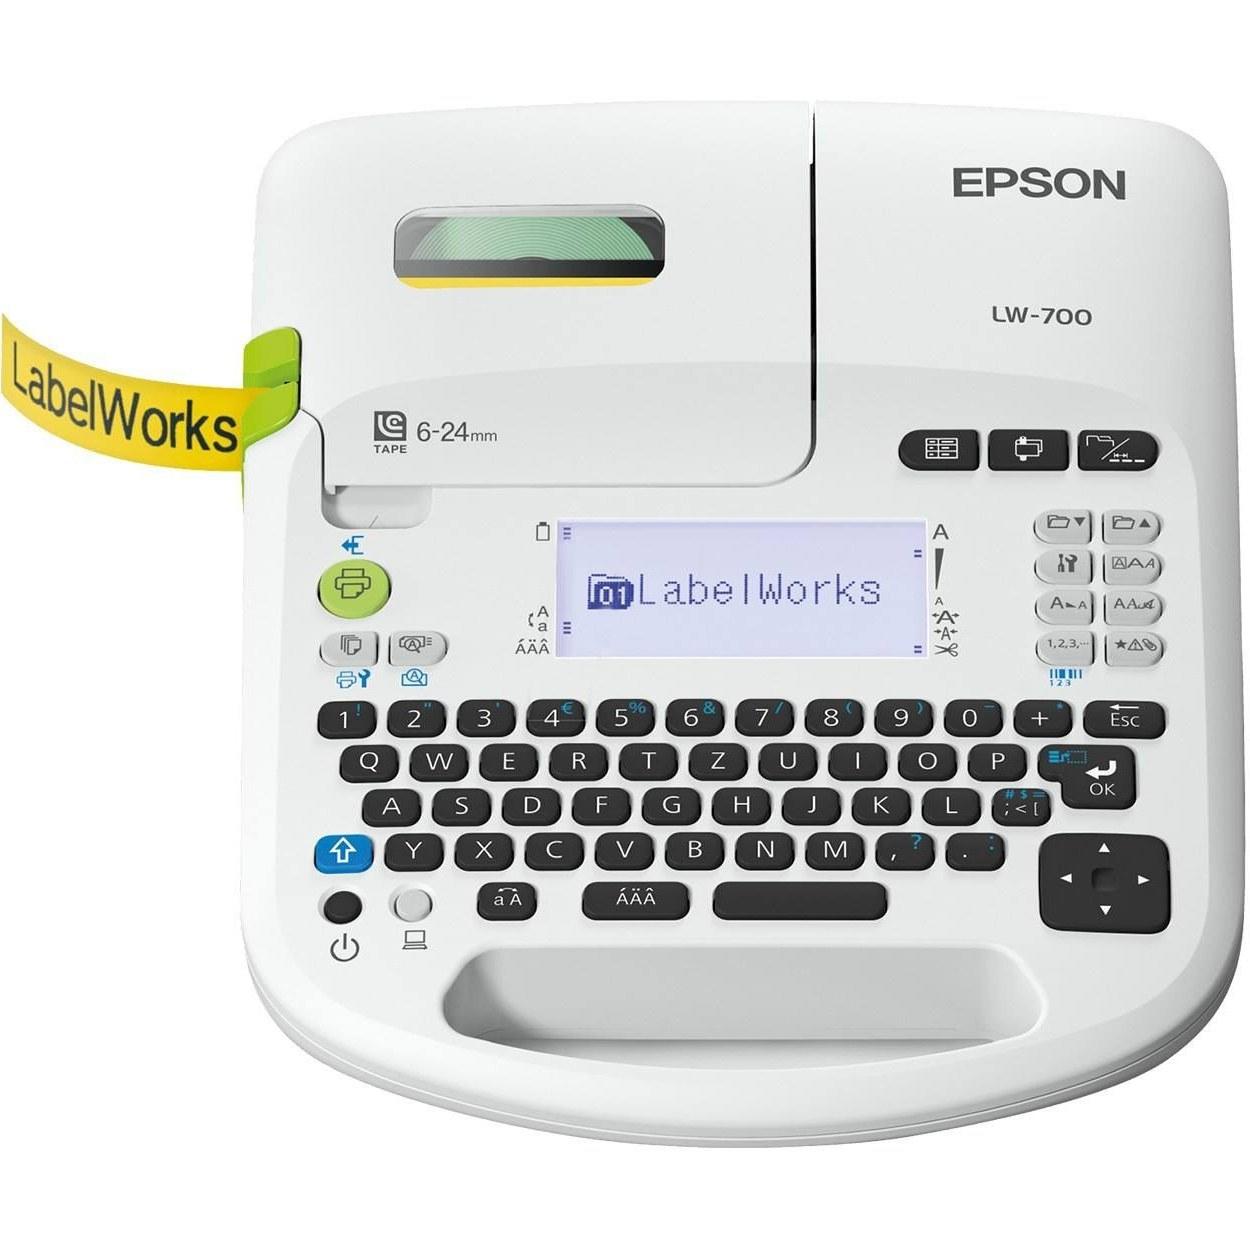 تصویر پرینتر حرارتی اپسون مدل LW-700 Epson LW-700 Label Printer